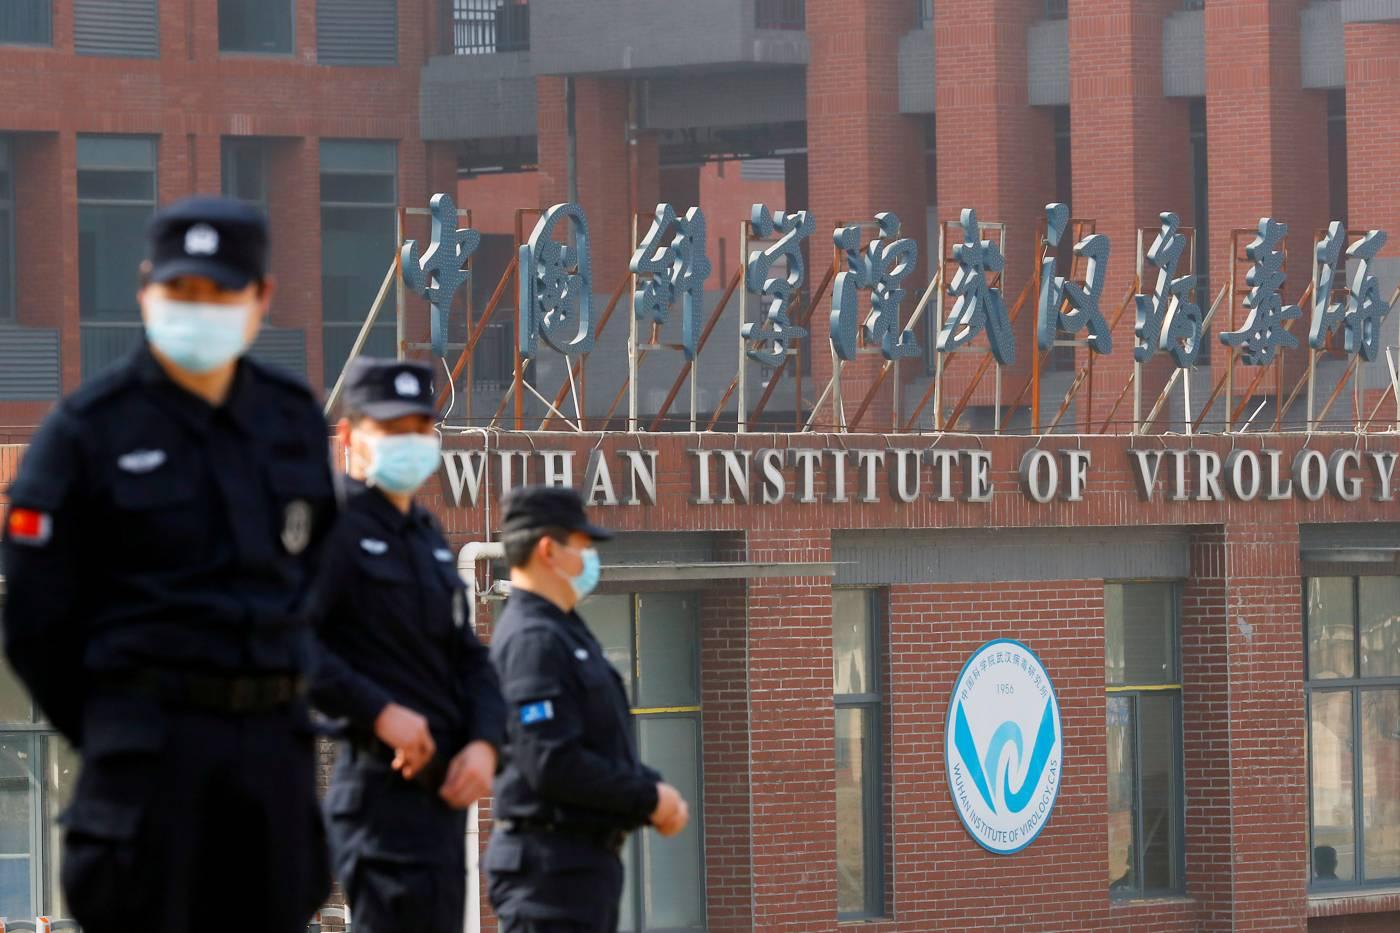 Colaboración entre laboratorio de Wuhan y Ejército chino en proyecto secreto